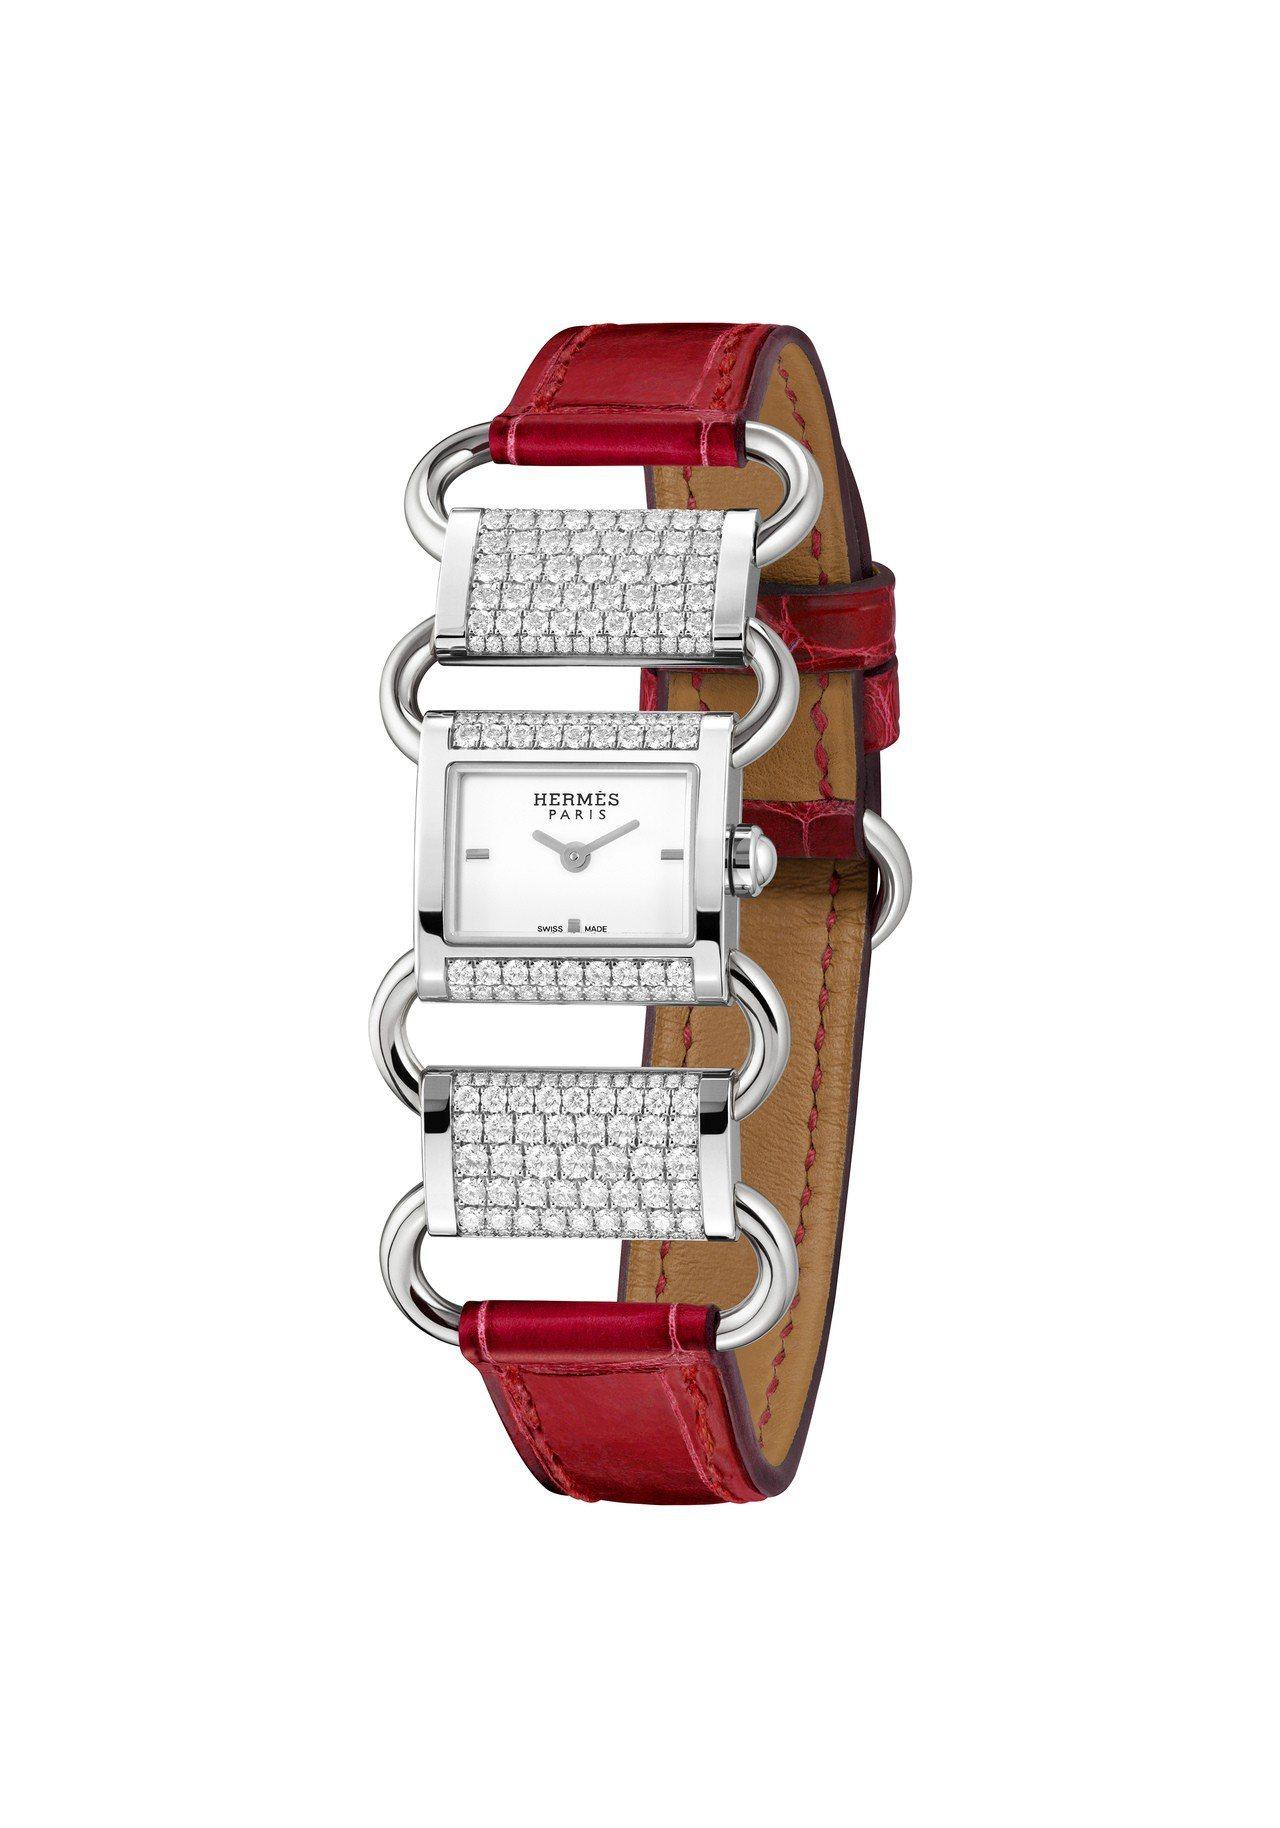 愛馬仕Klikti白K金珠寶腕表部分鑲鑽款,125萬5,500元。圖/愛馬仕提供